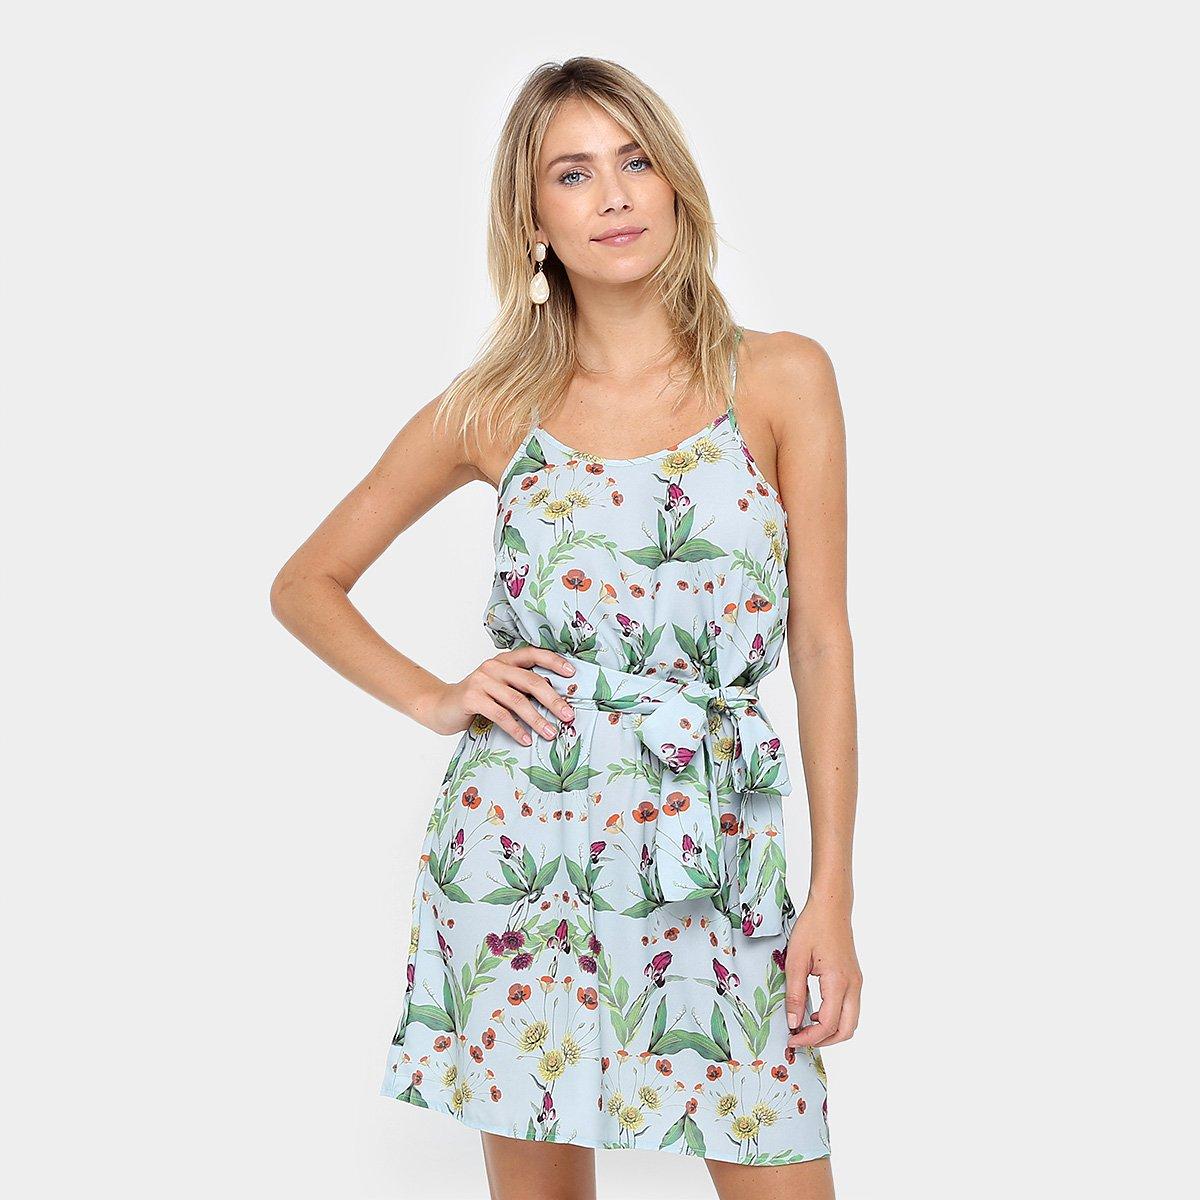 a1682ef77d Vestido Colcci Evasê Curto Floral Amarração - Compre Agora